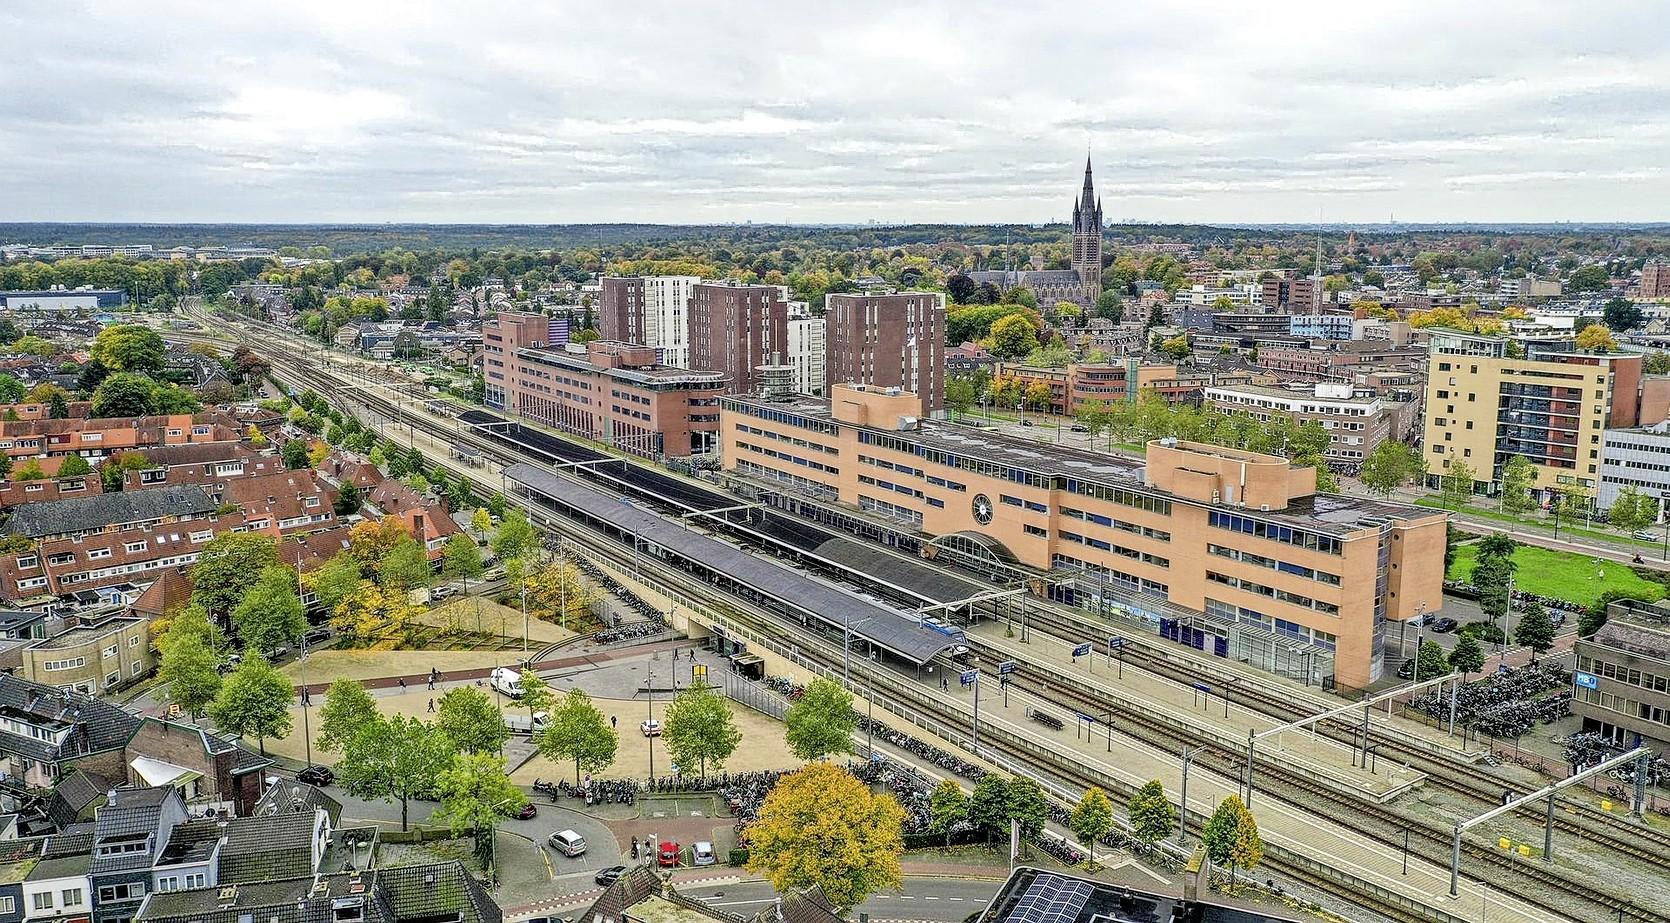 Steeds meer nieuwe huizen gebouwd bij stations: 'Zo sparen we het landelijk gebied'